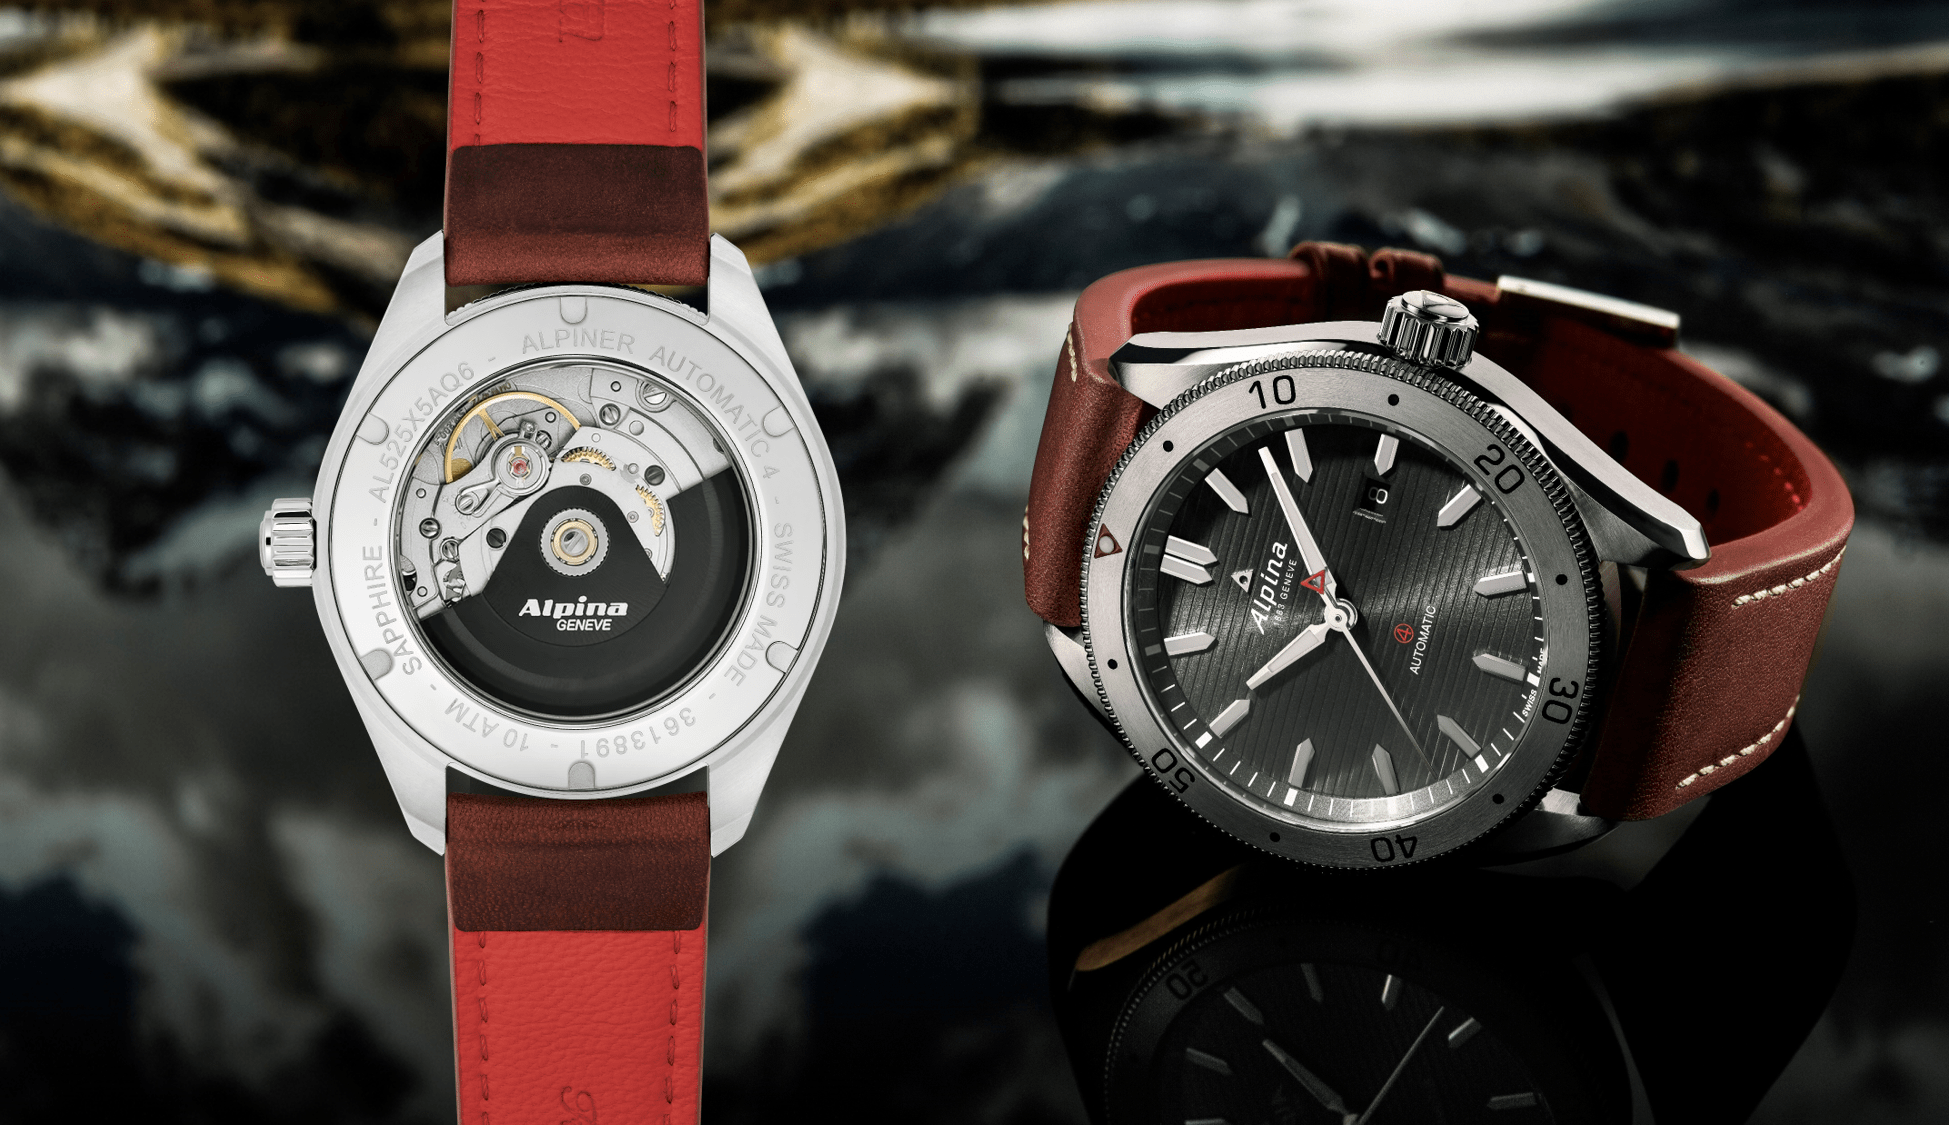 Alpina präsentiert eine neue Version der Alpine4 ArmbanduhrAlpina Alpiner 4 Automatik: Diese Zahl hat eine lange Geschichte